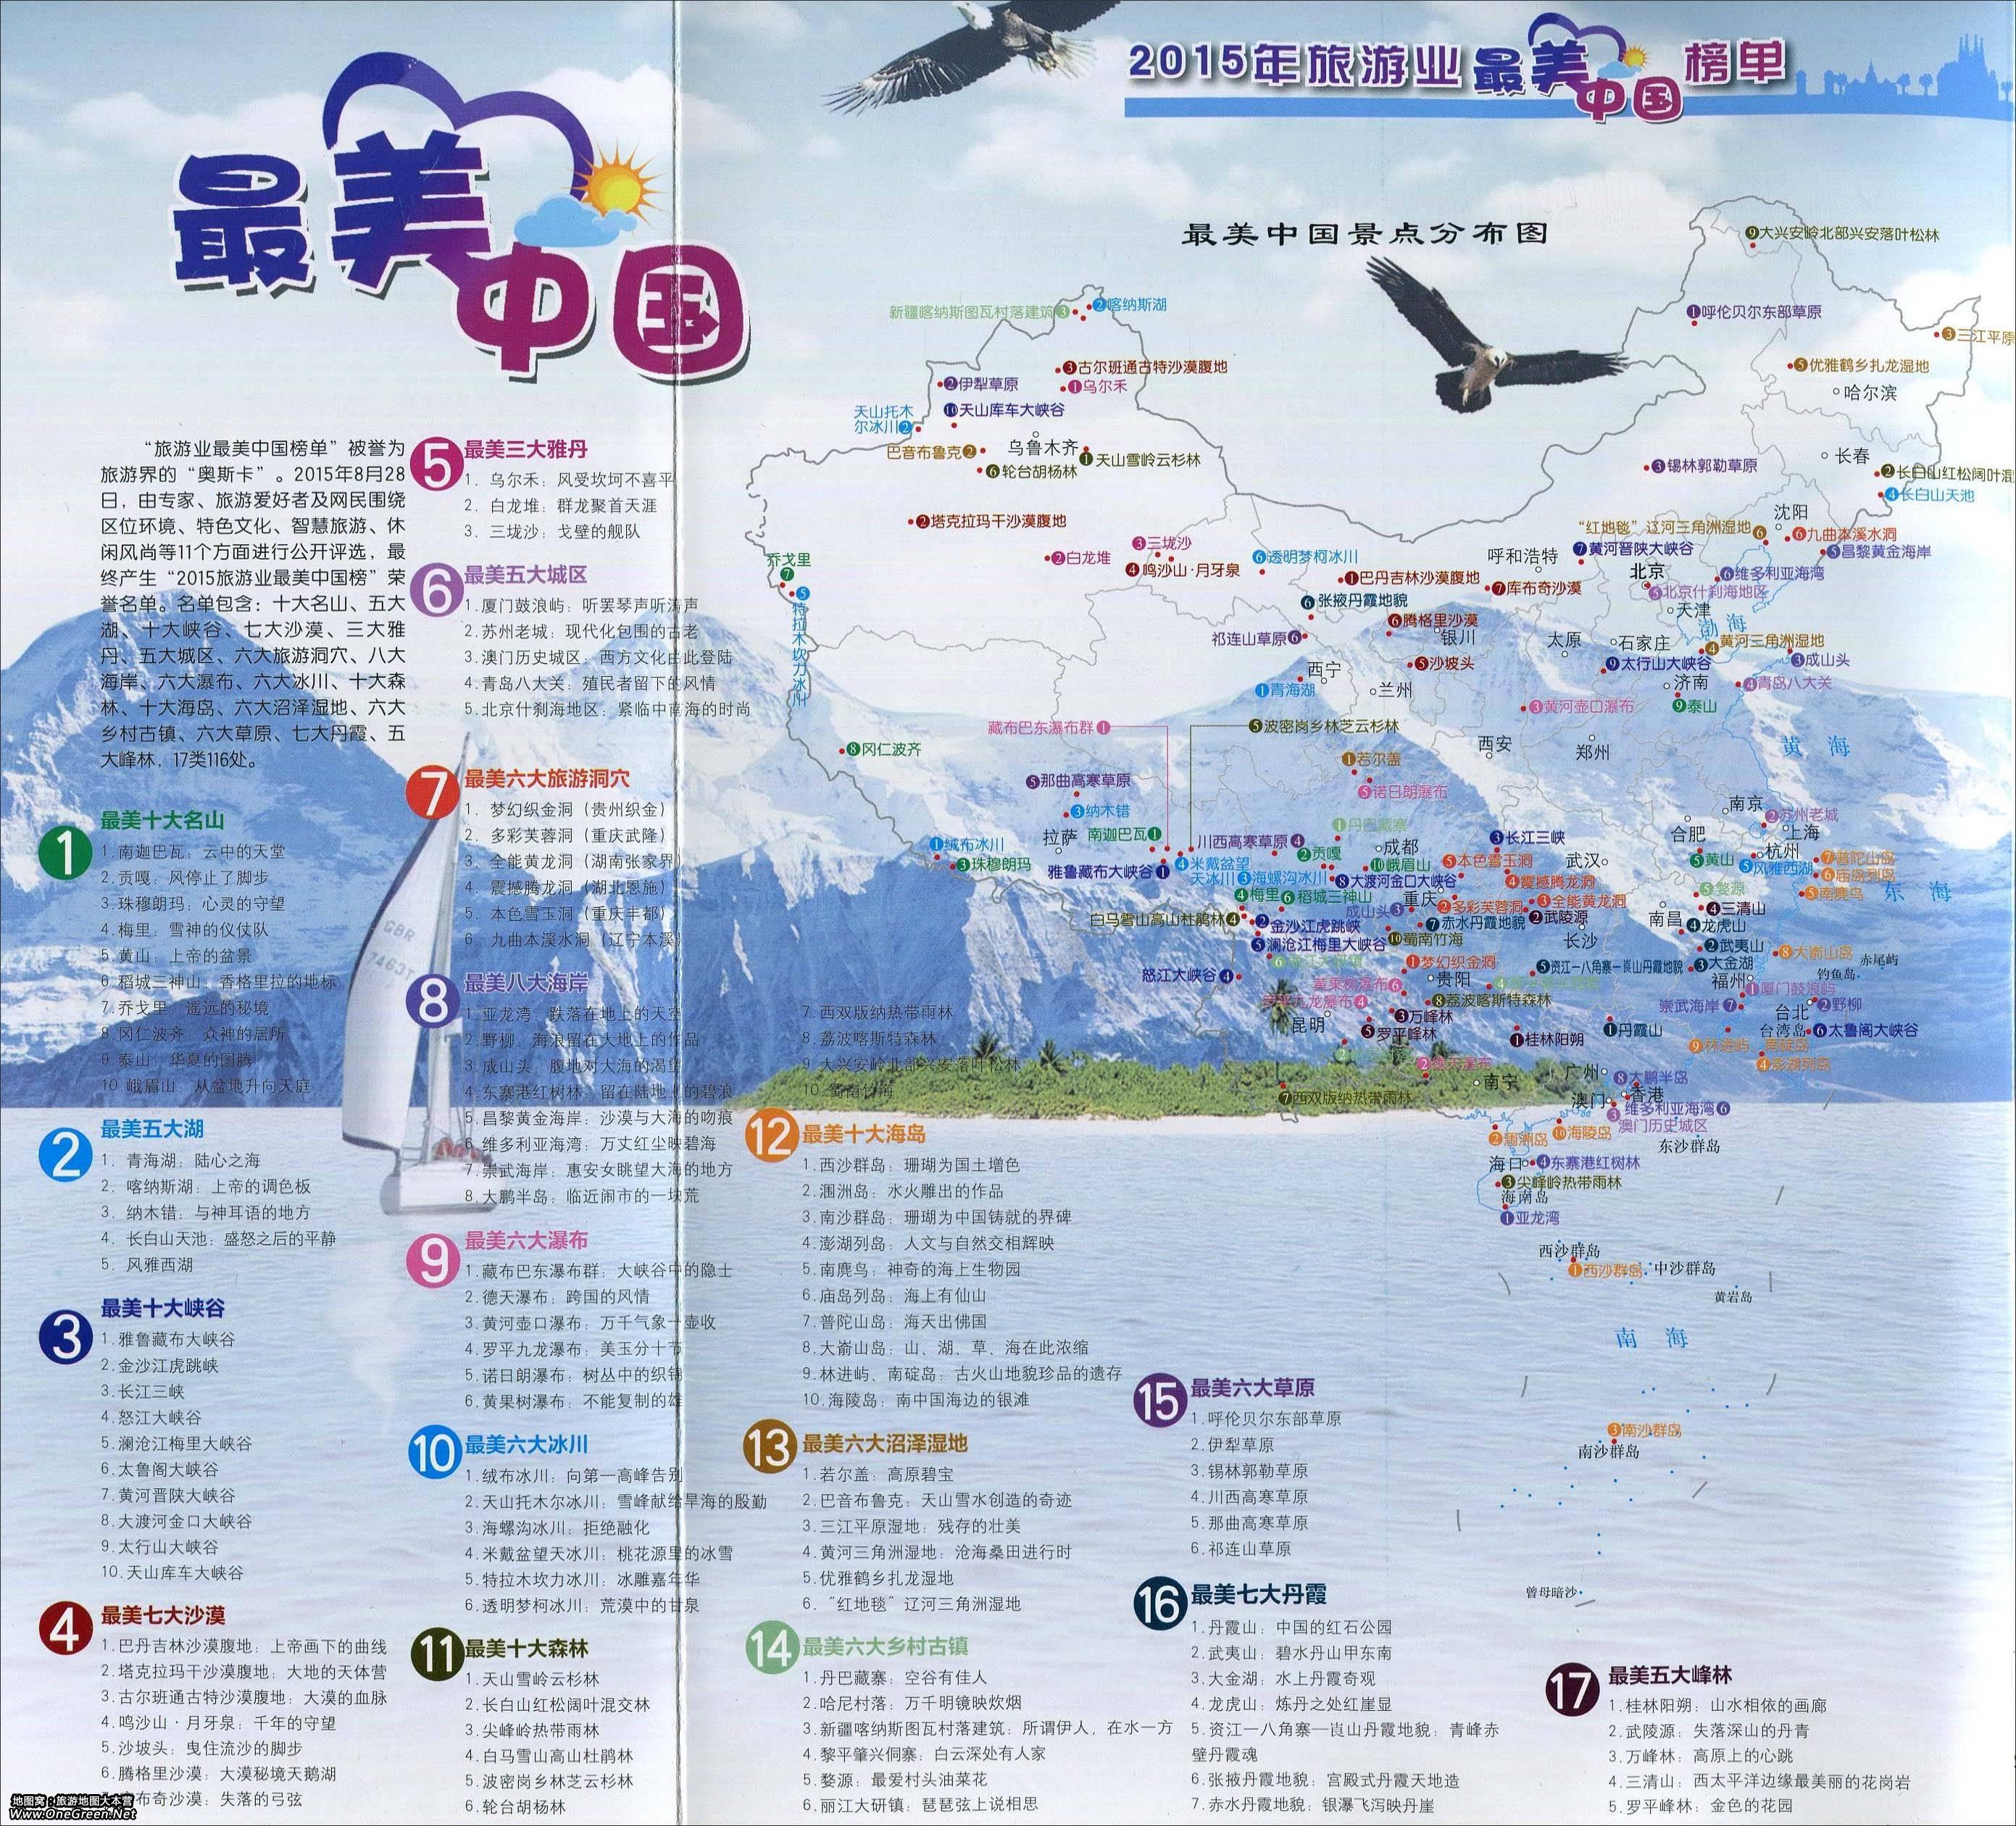 江苏5a旅游景点大全_最美中国风景名胜大全_地图窝